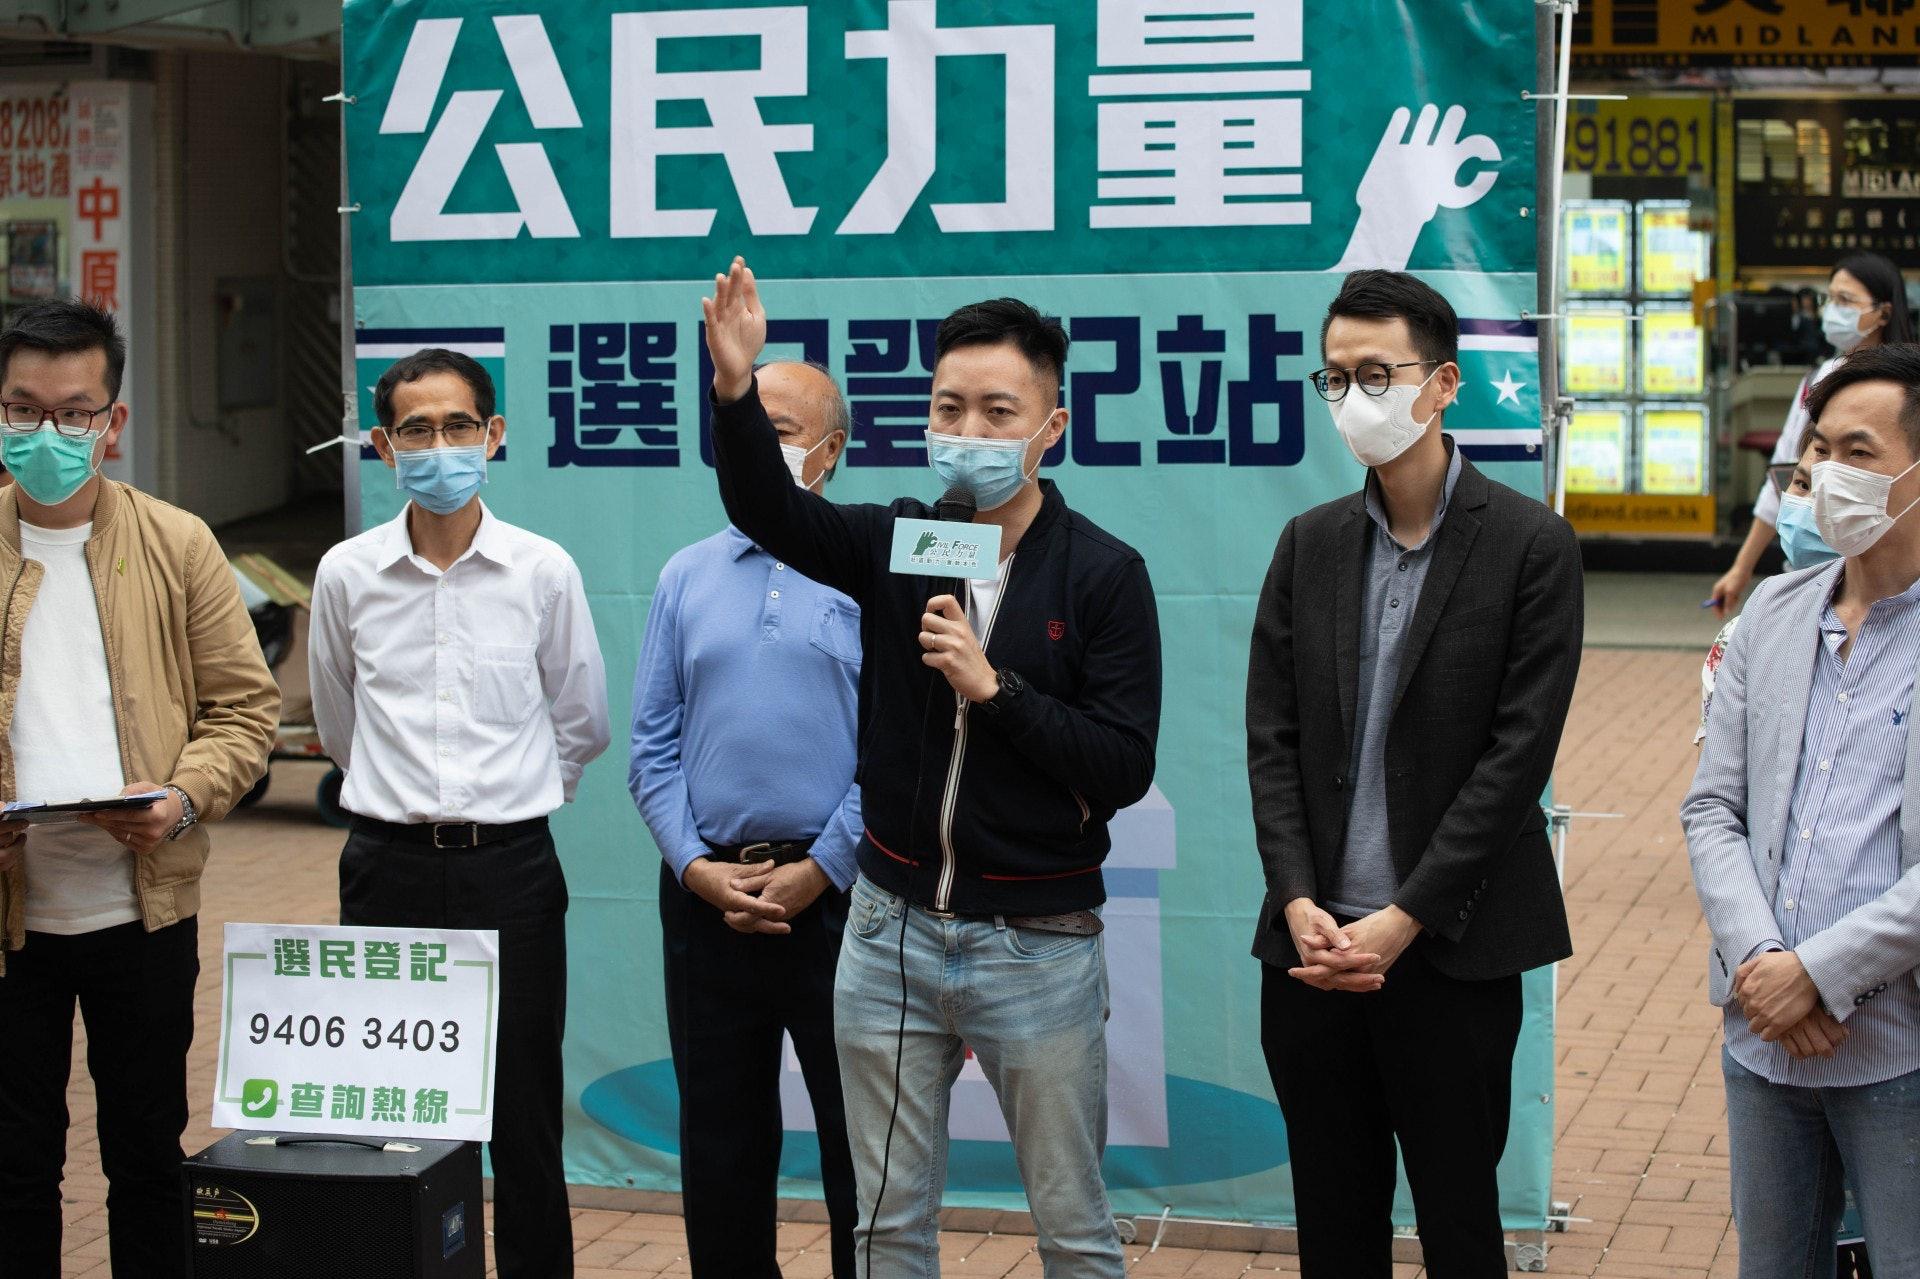 陳志豪(右二)表示,任何一個人在初選勝出,公民力量都會全力支持。(廖雁雄攝)